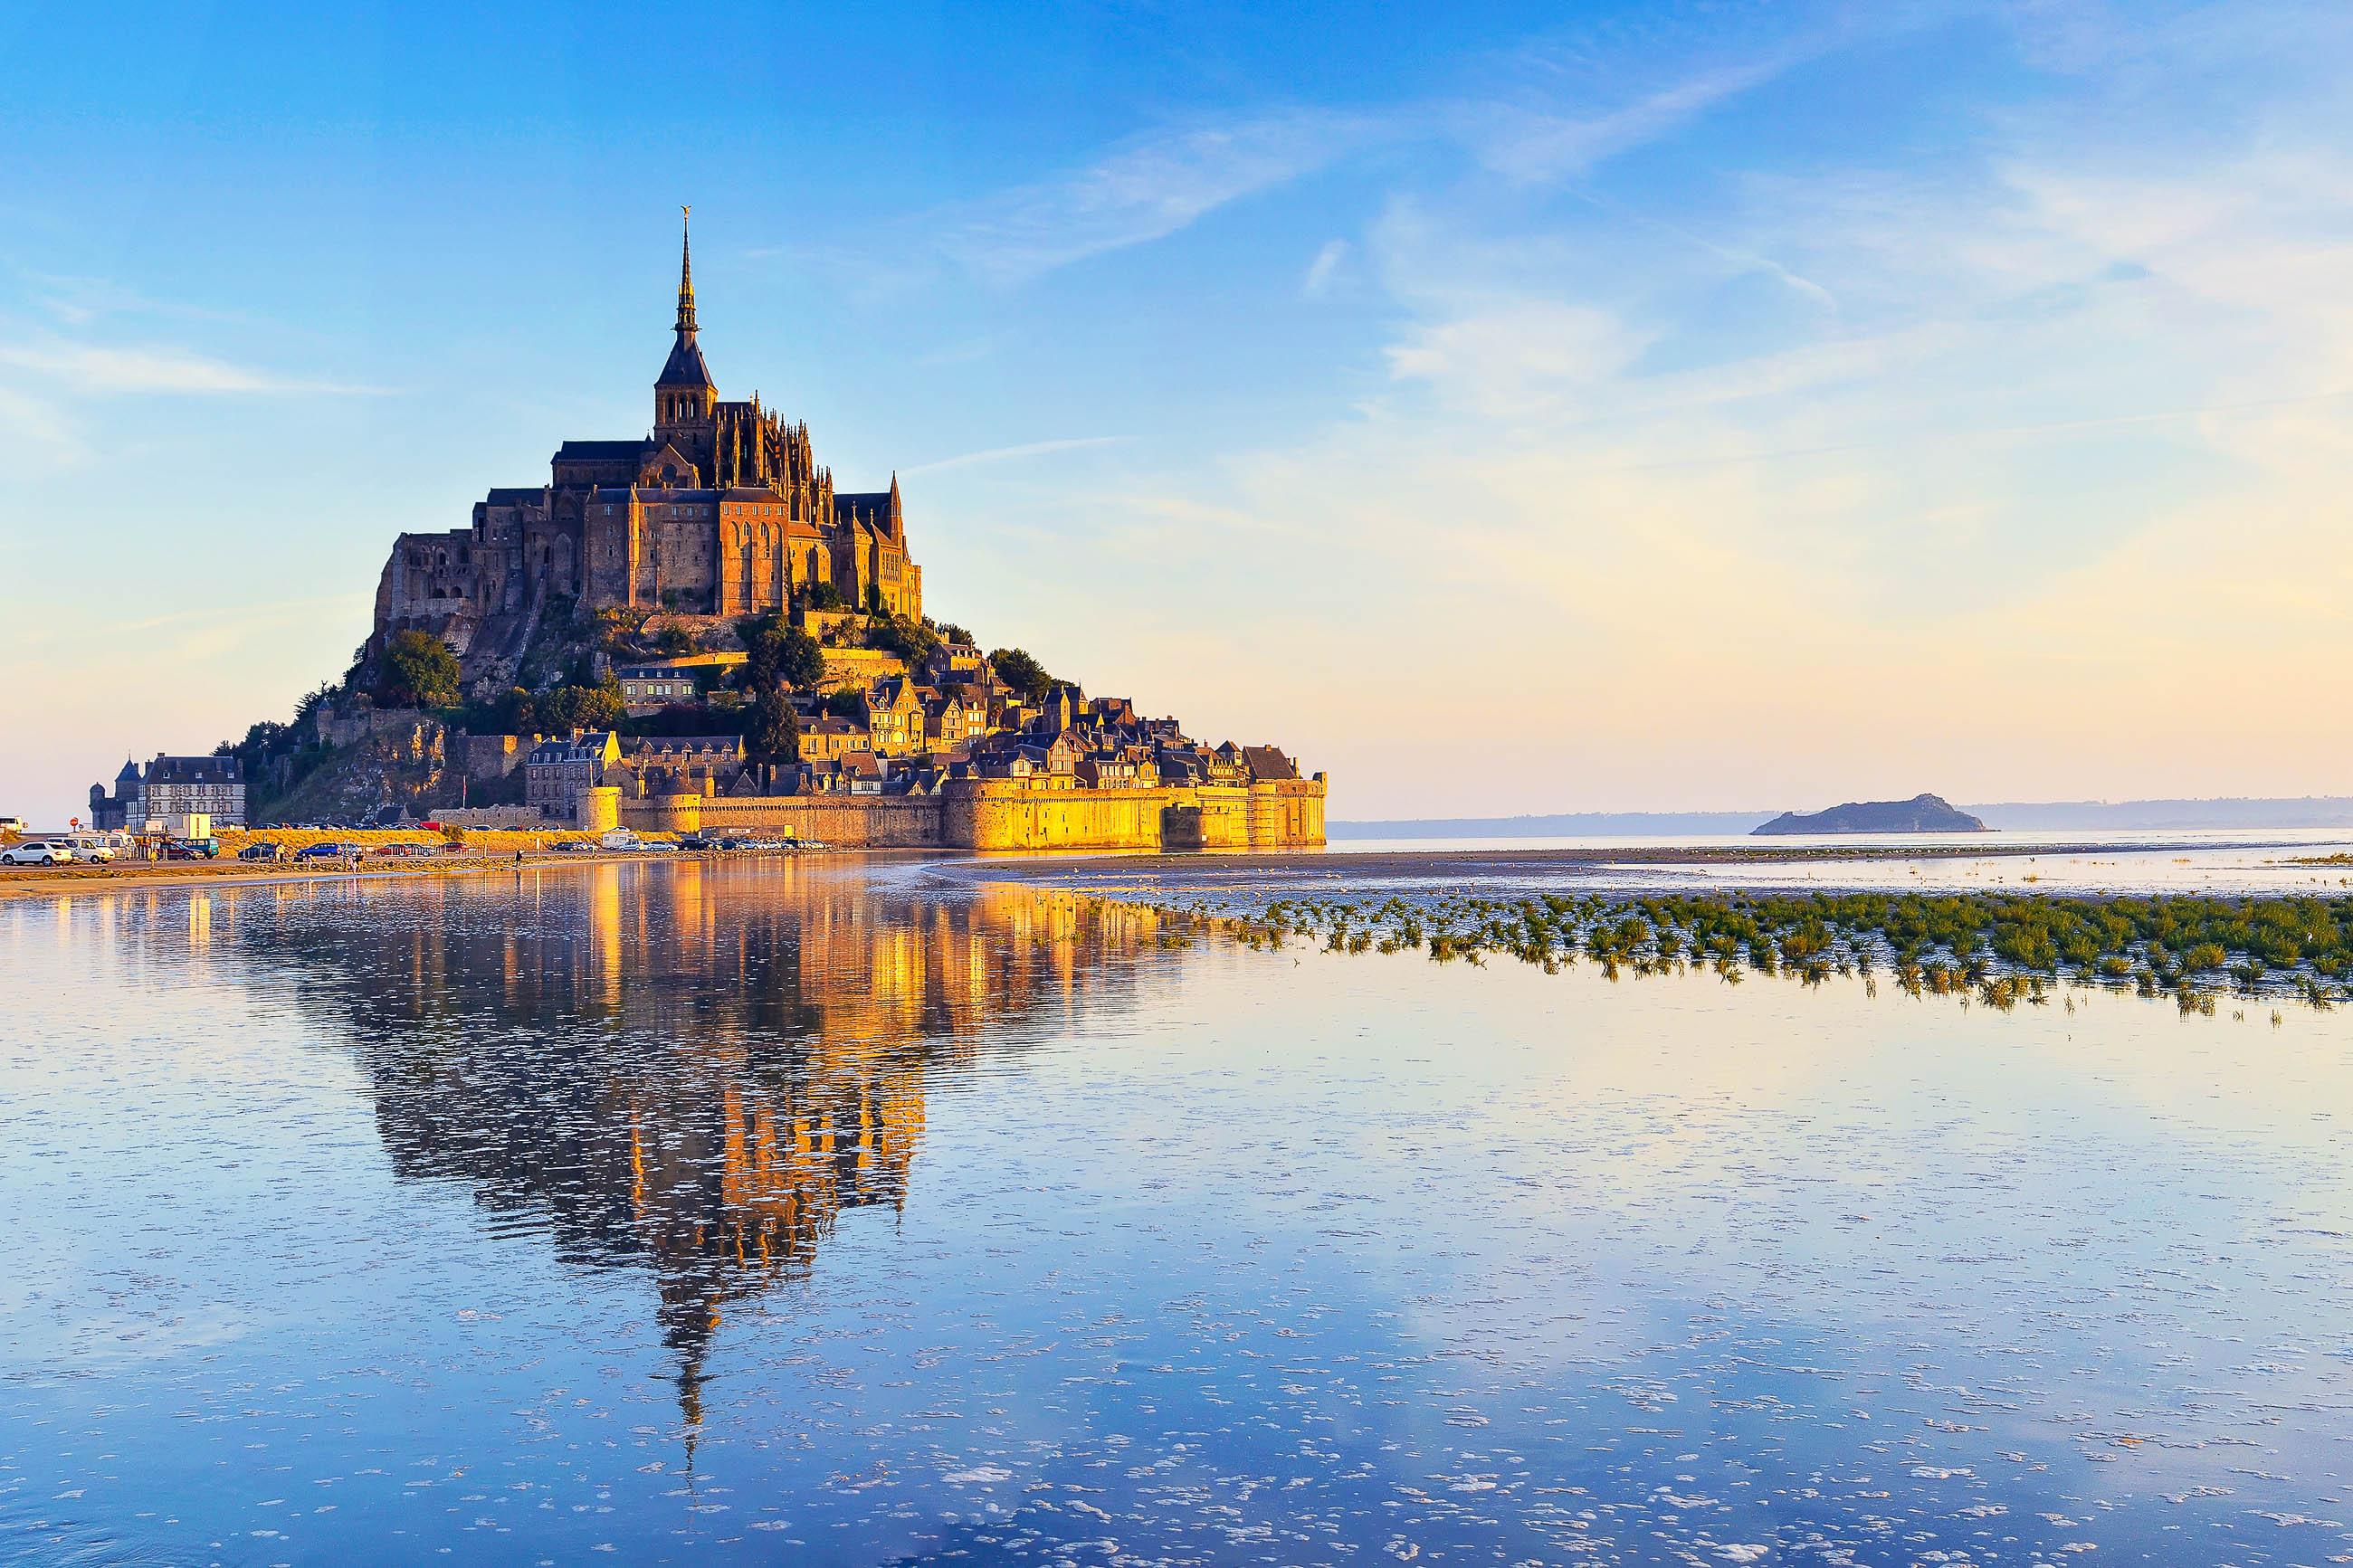 Okologisch Reisen In Der Normandie Frankreich Franks Travelbox